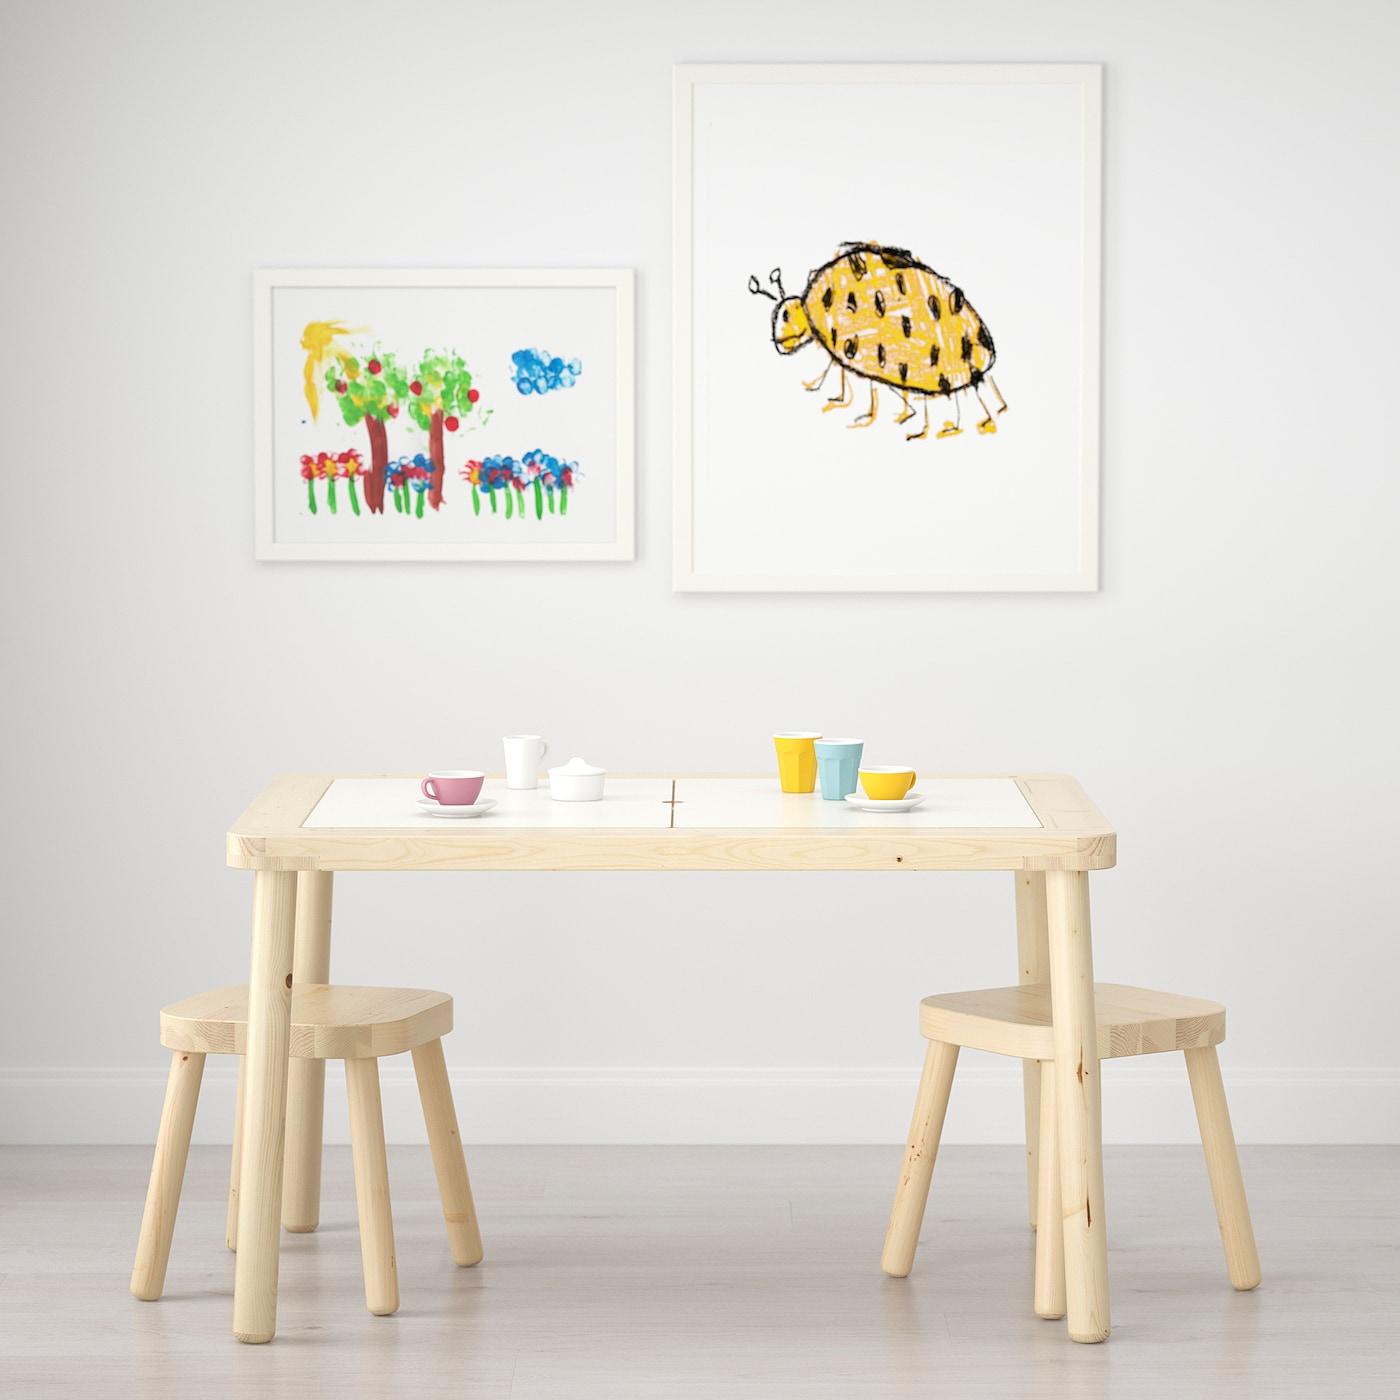 nonopflisat barnebord 50298418 IKEA